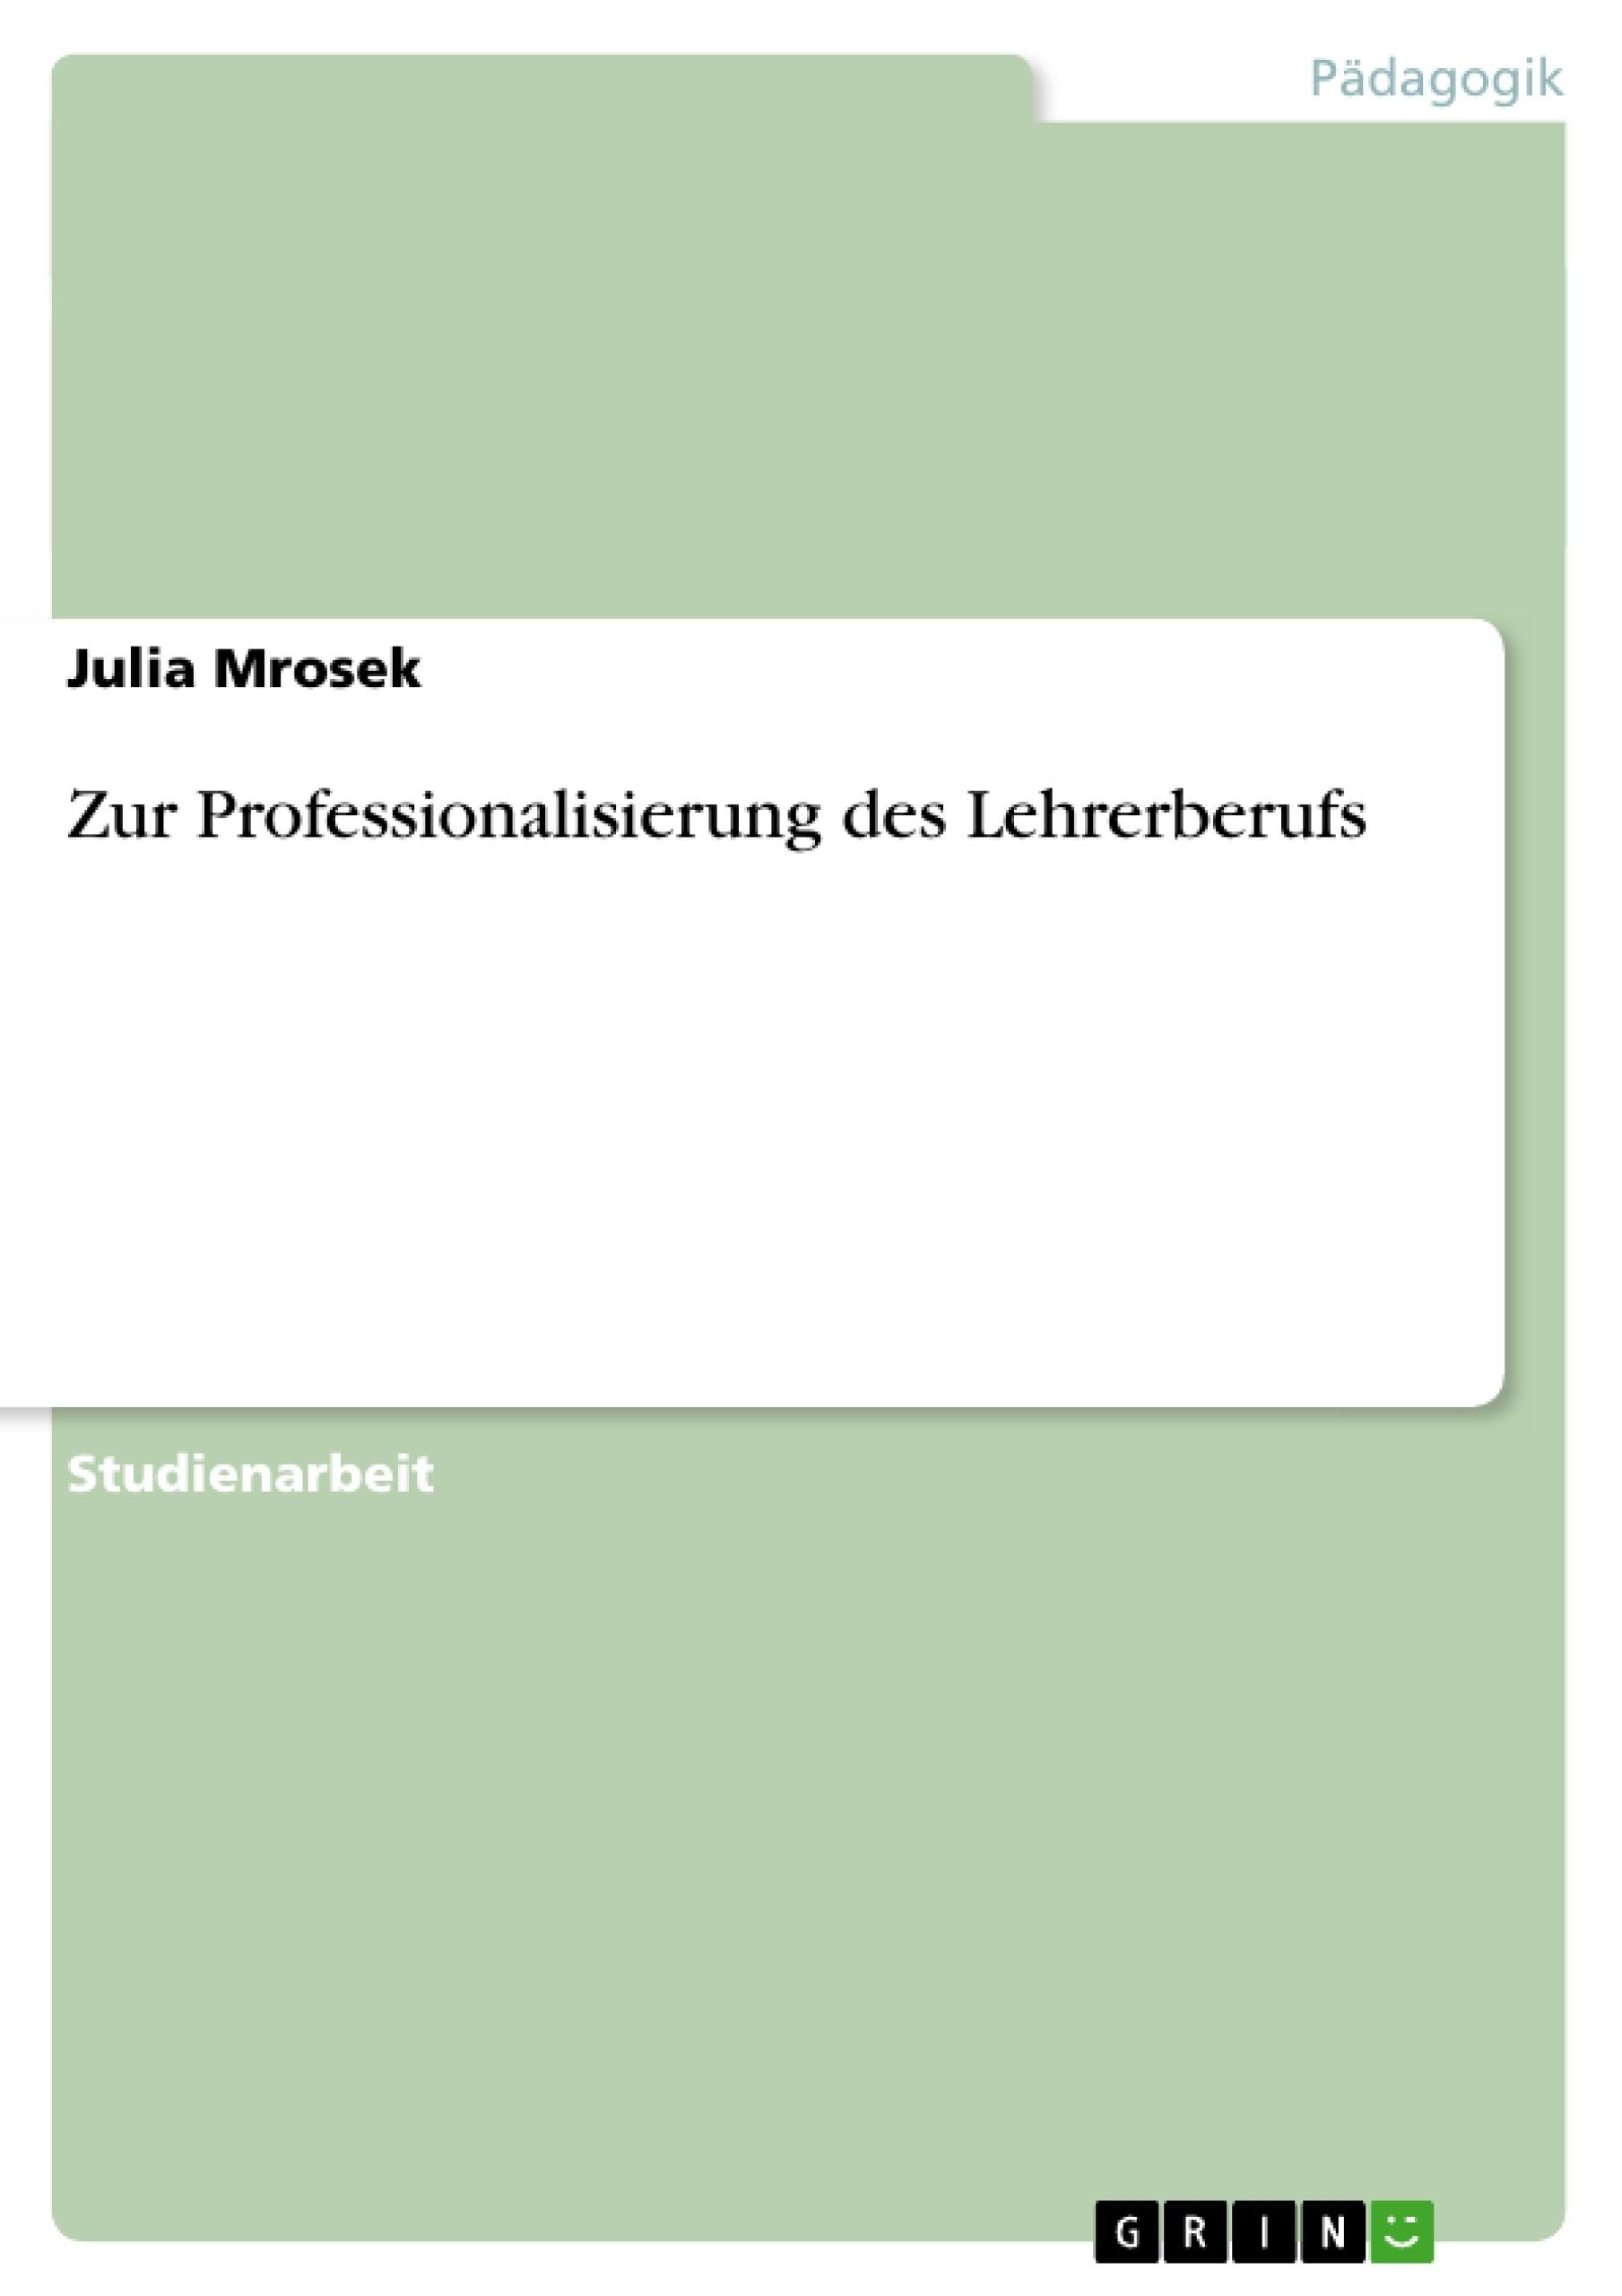 Titel: Zur Professionalisierung des Lehrerberufs